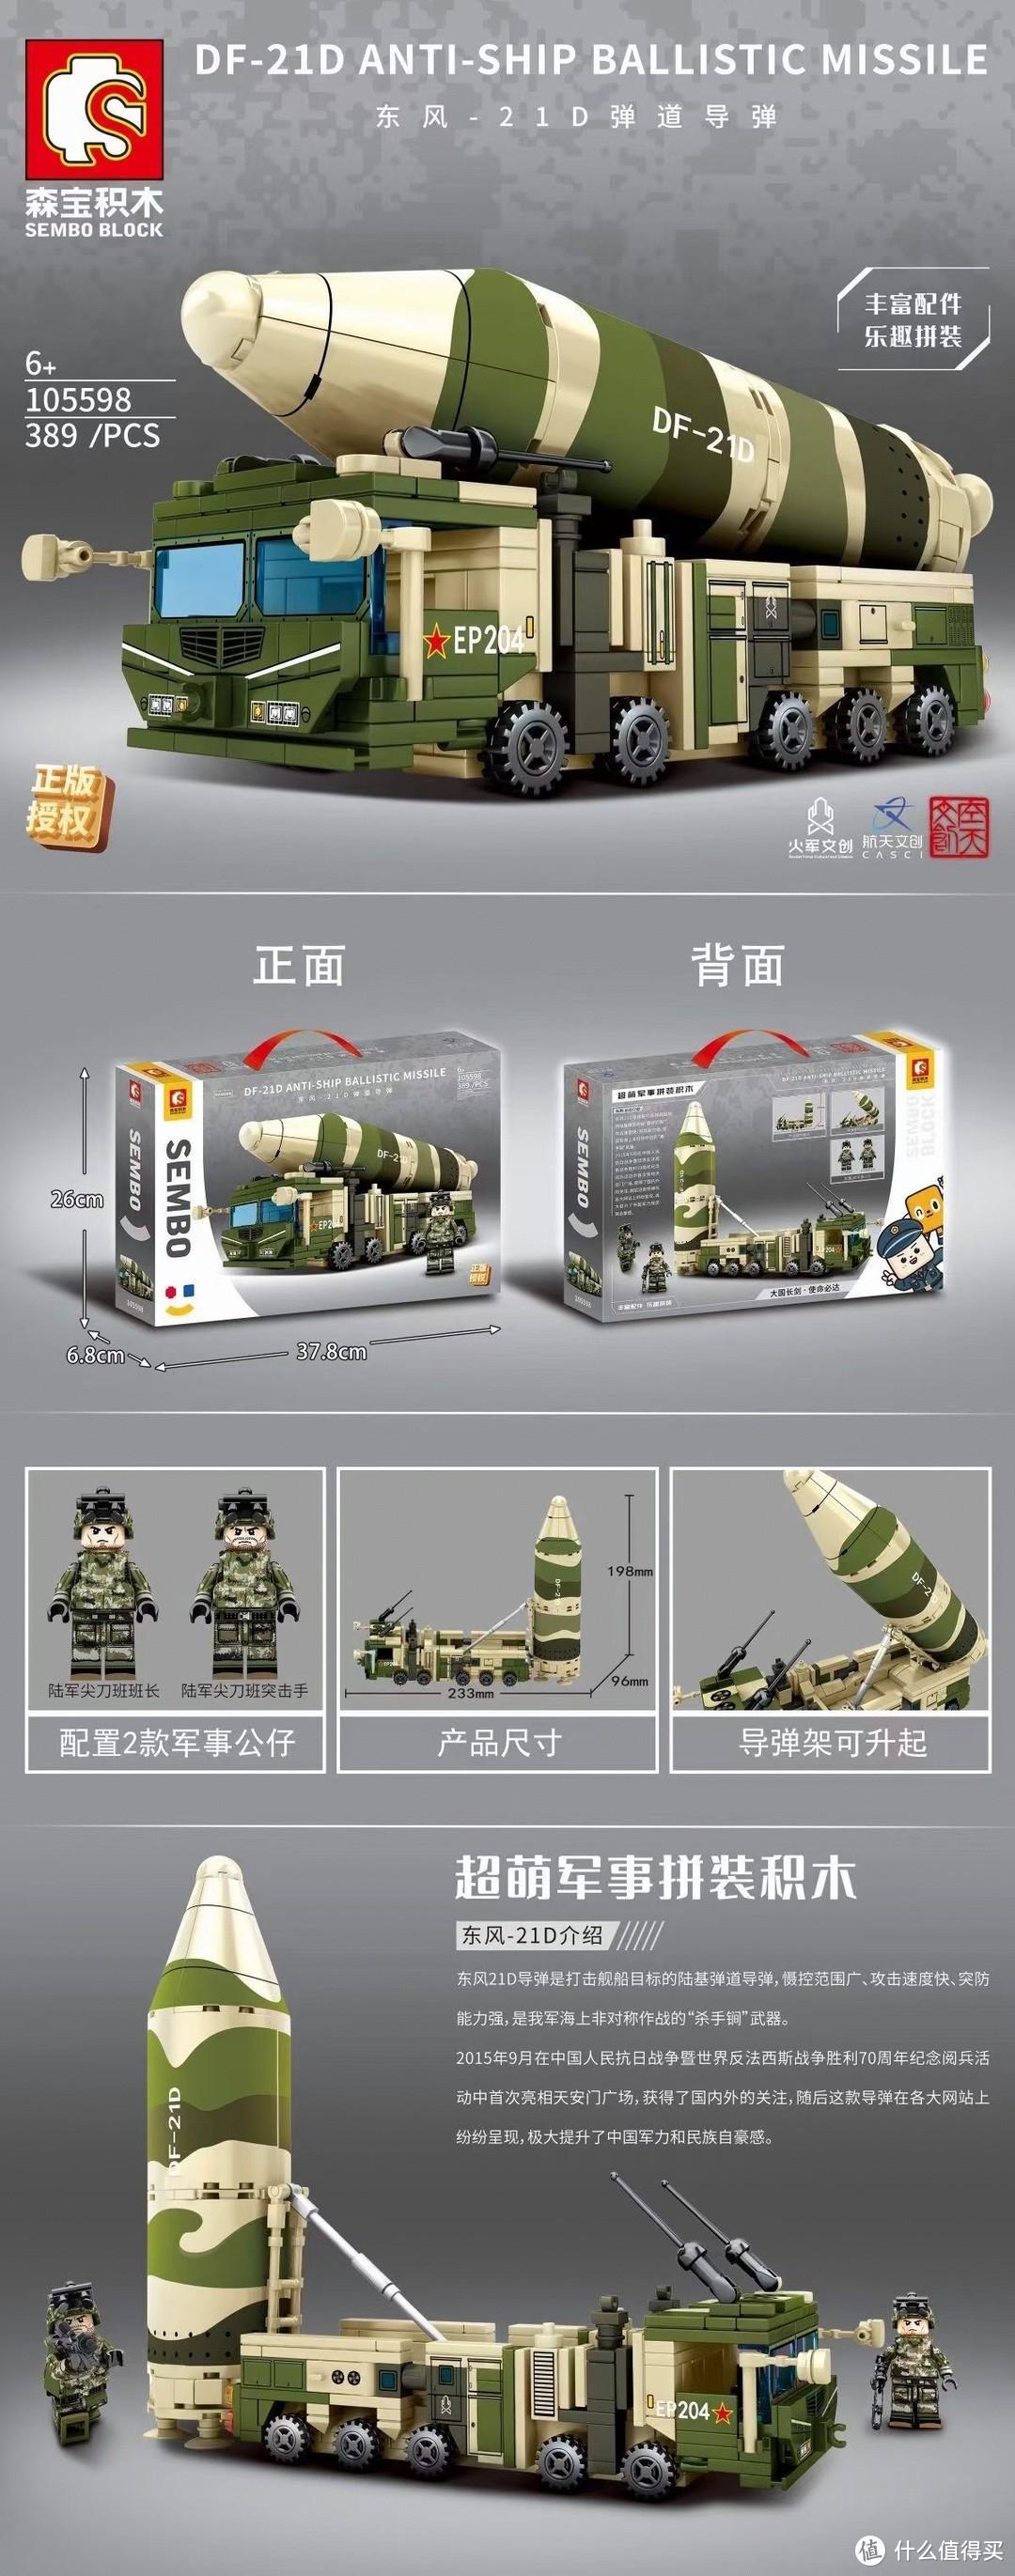 森宝 & 斯巴鲁【2021-6-22积木新品情报】